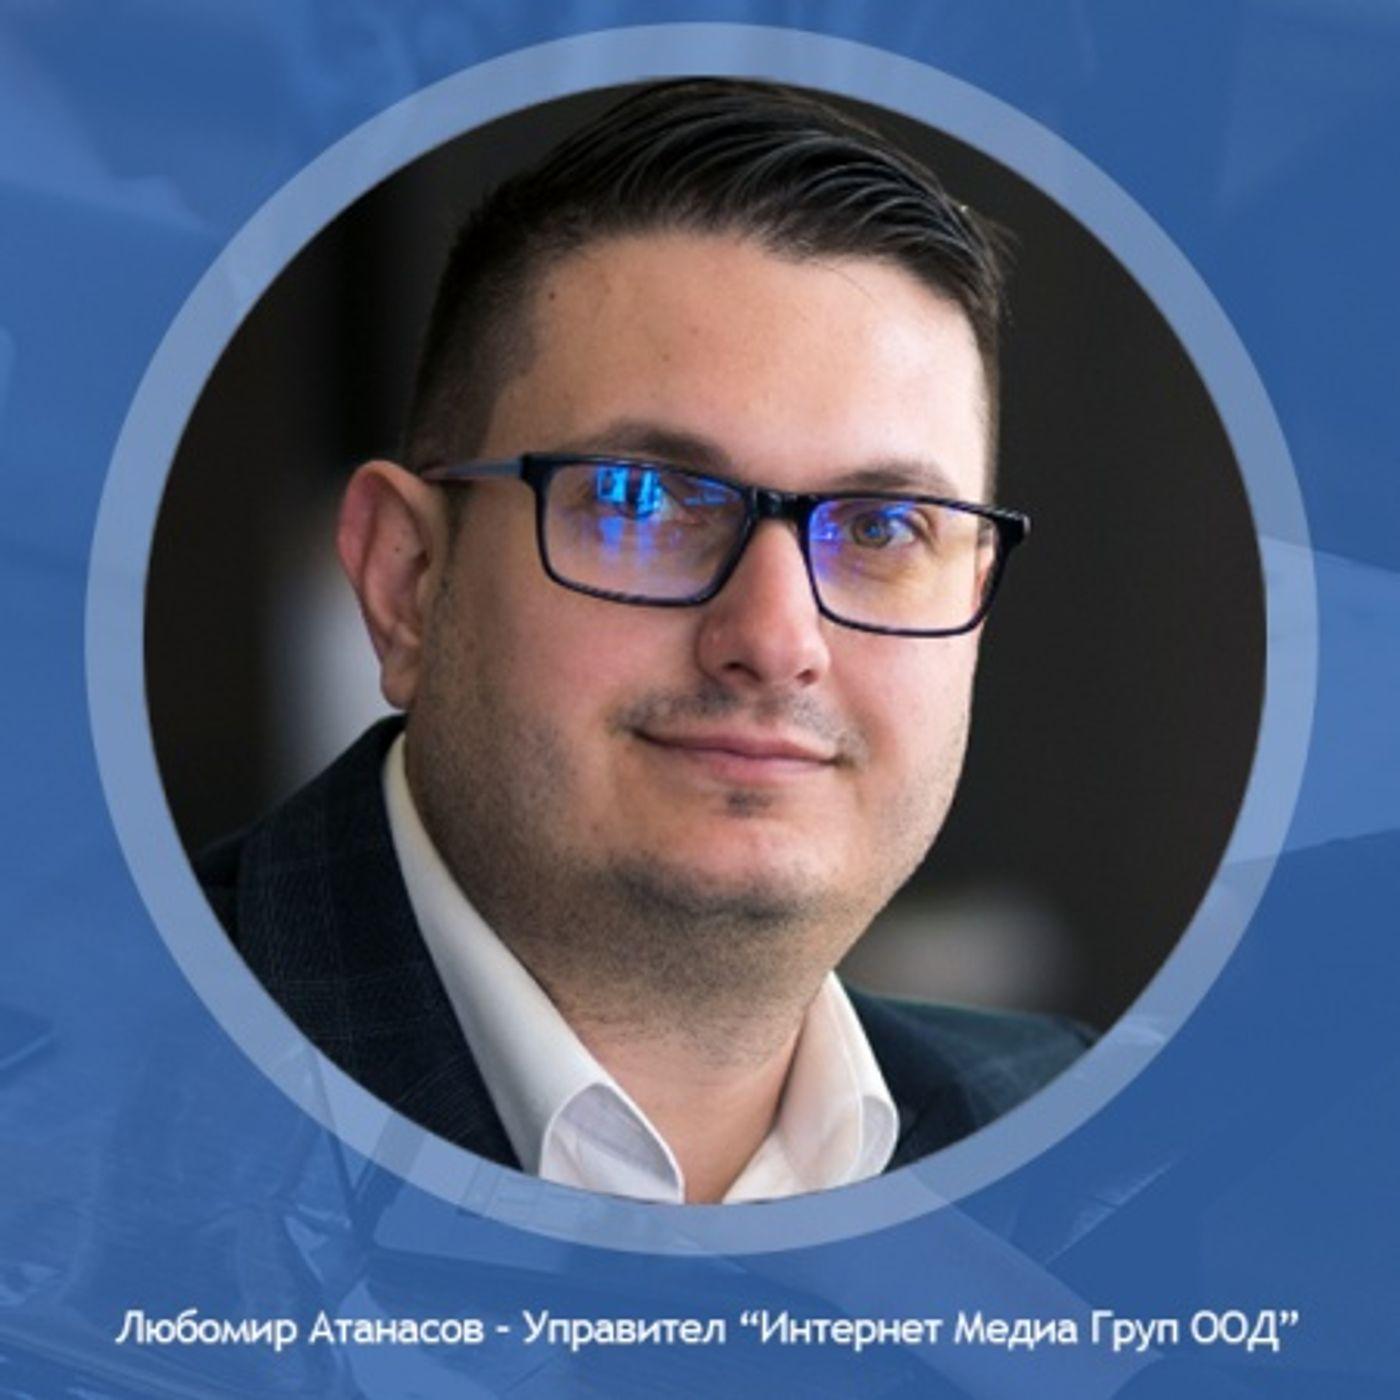 Организиране на събития за дигитален маркетинг и SEO с Любомир Атанасов